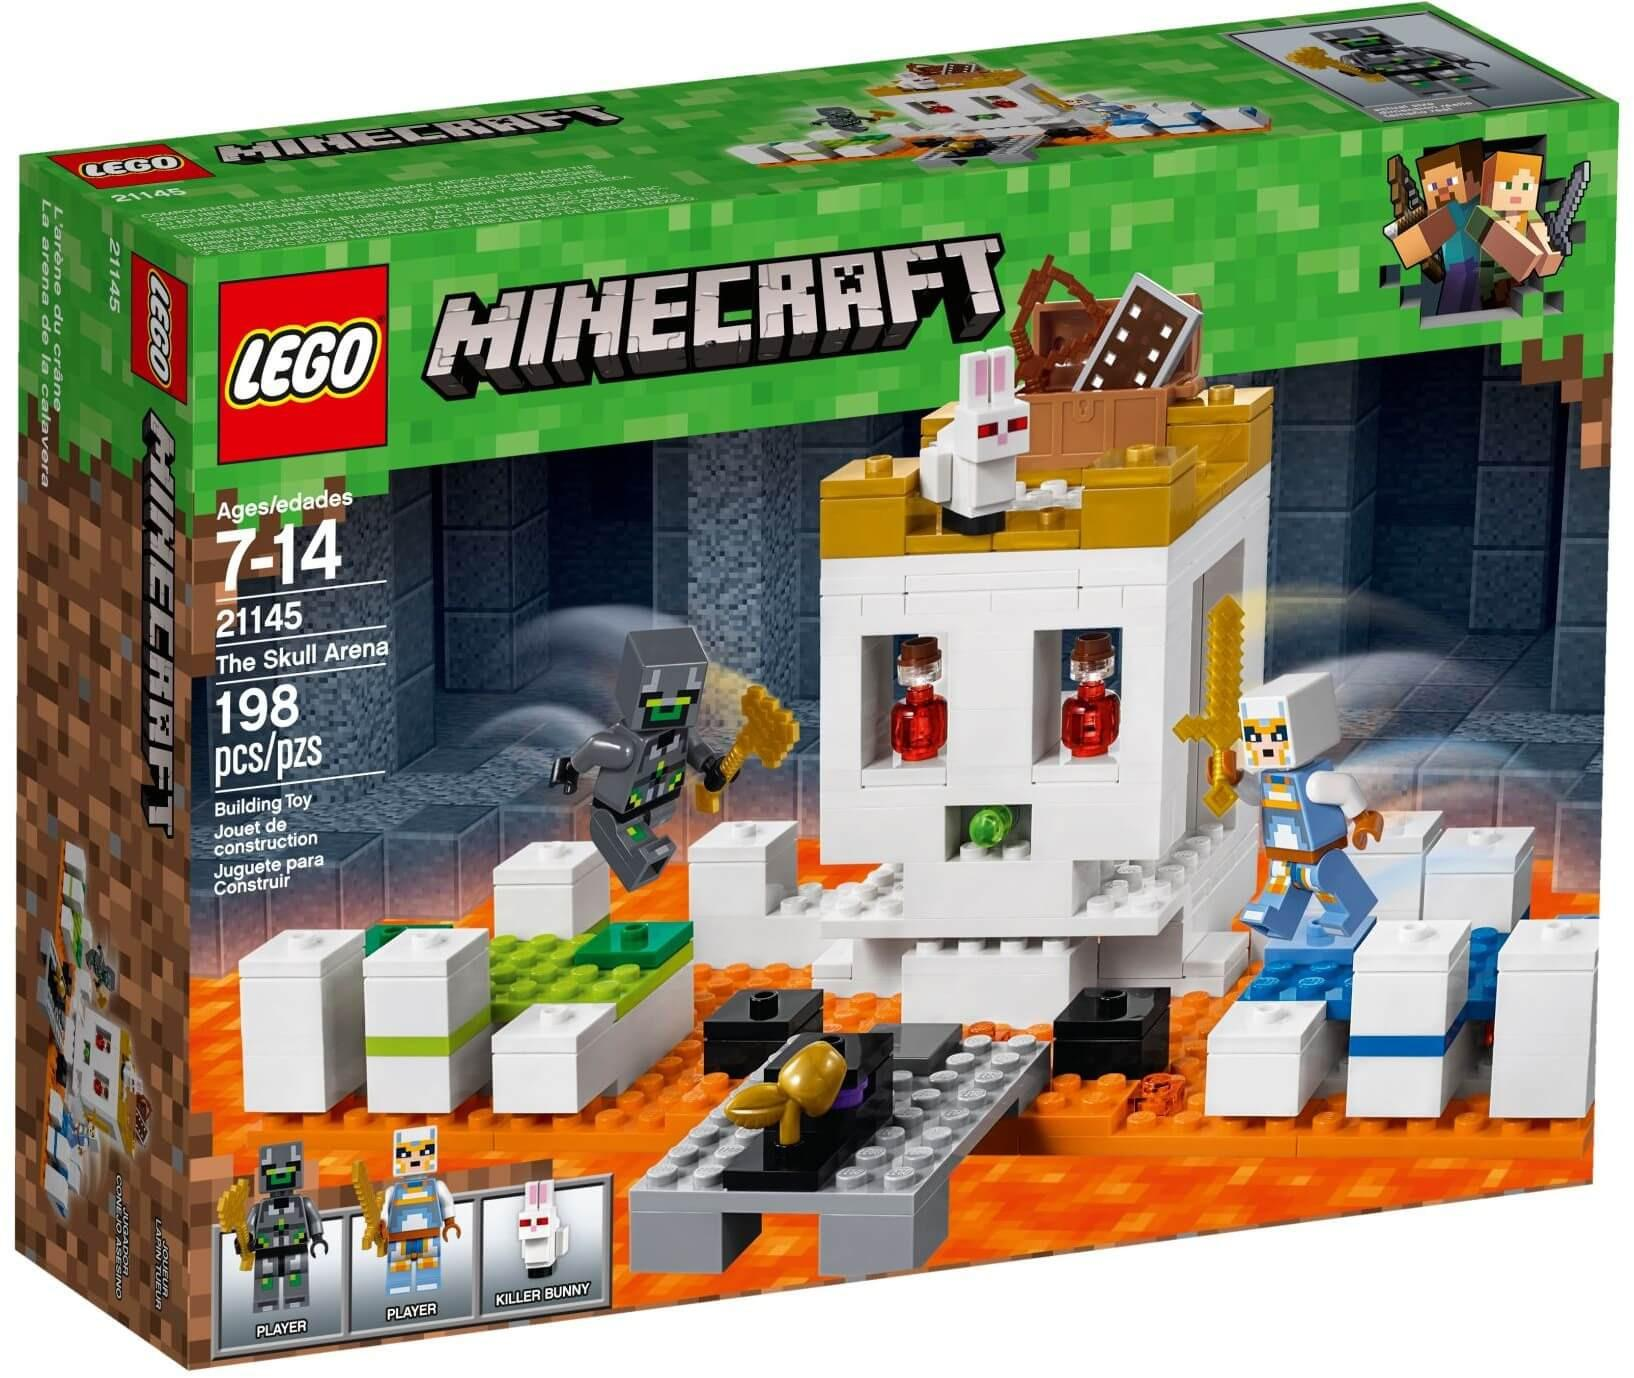 Mua đồ Chơi LEGO Minecraft 21145 - Đấu Trường Đầu Lâu (LEGO The Skull Arena) Giá Rẻ ở Việt Nam Bất Ngờ Giảm Giá